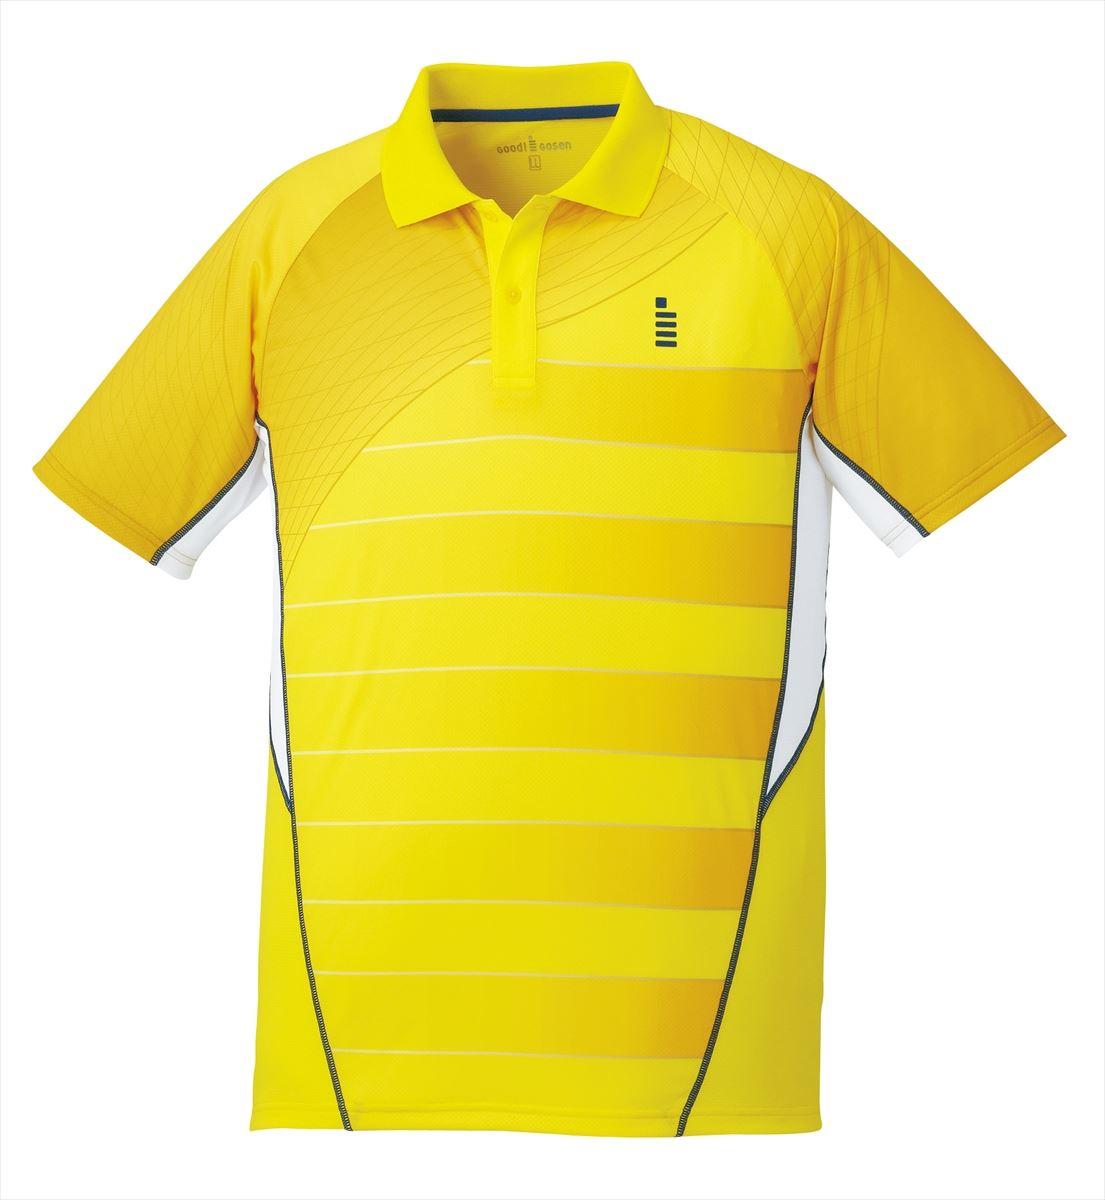 ゴーセン GOSEN T1700 テニス・バドミントン ウェア(メンズ/ユニ) ゲームシャツ イエロー 17SS